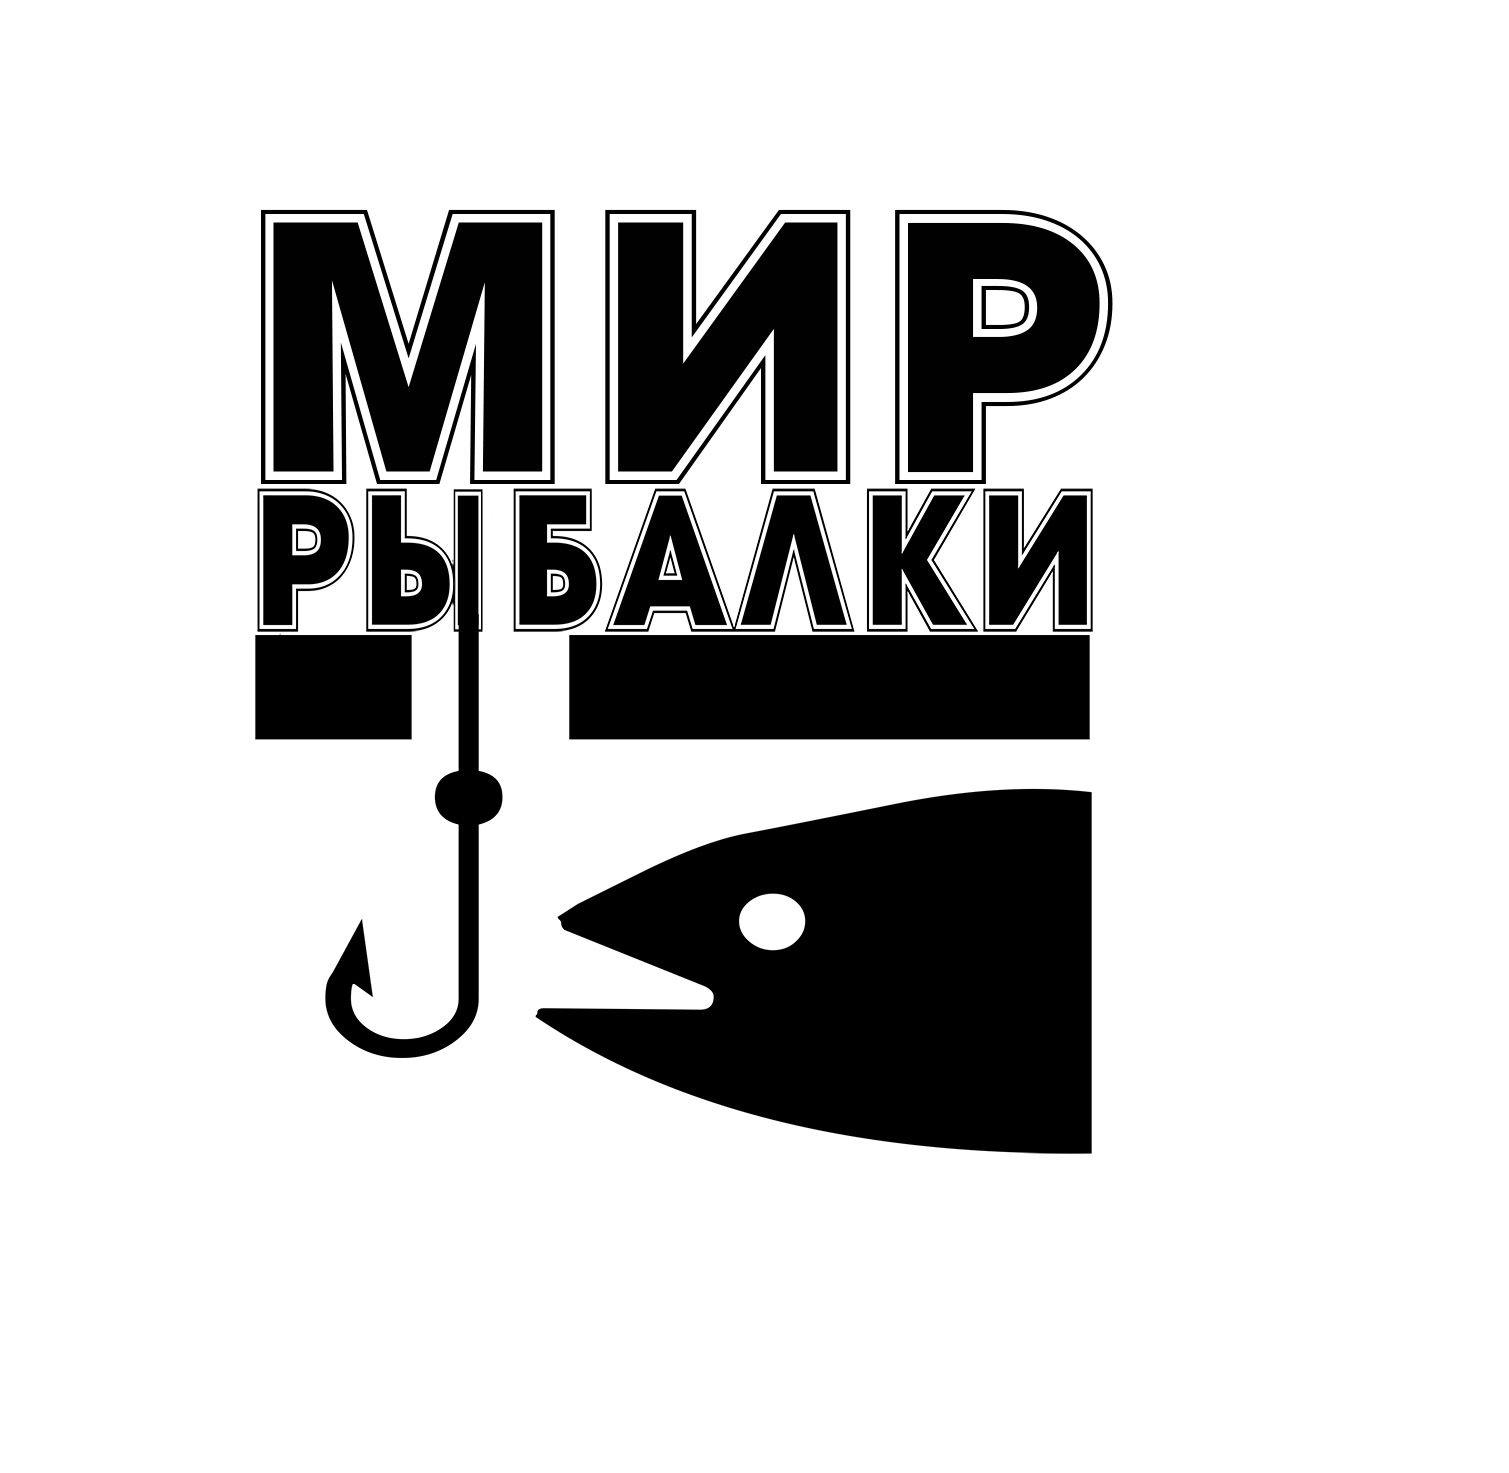 Логотип рыболовного магазина - дизайнер Lilipysi4ek